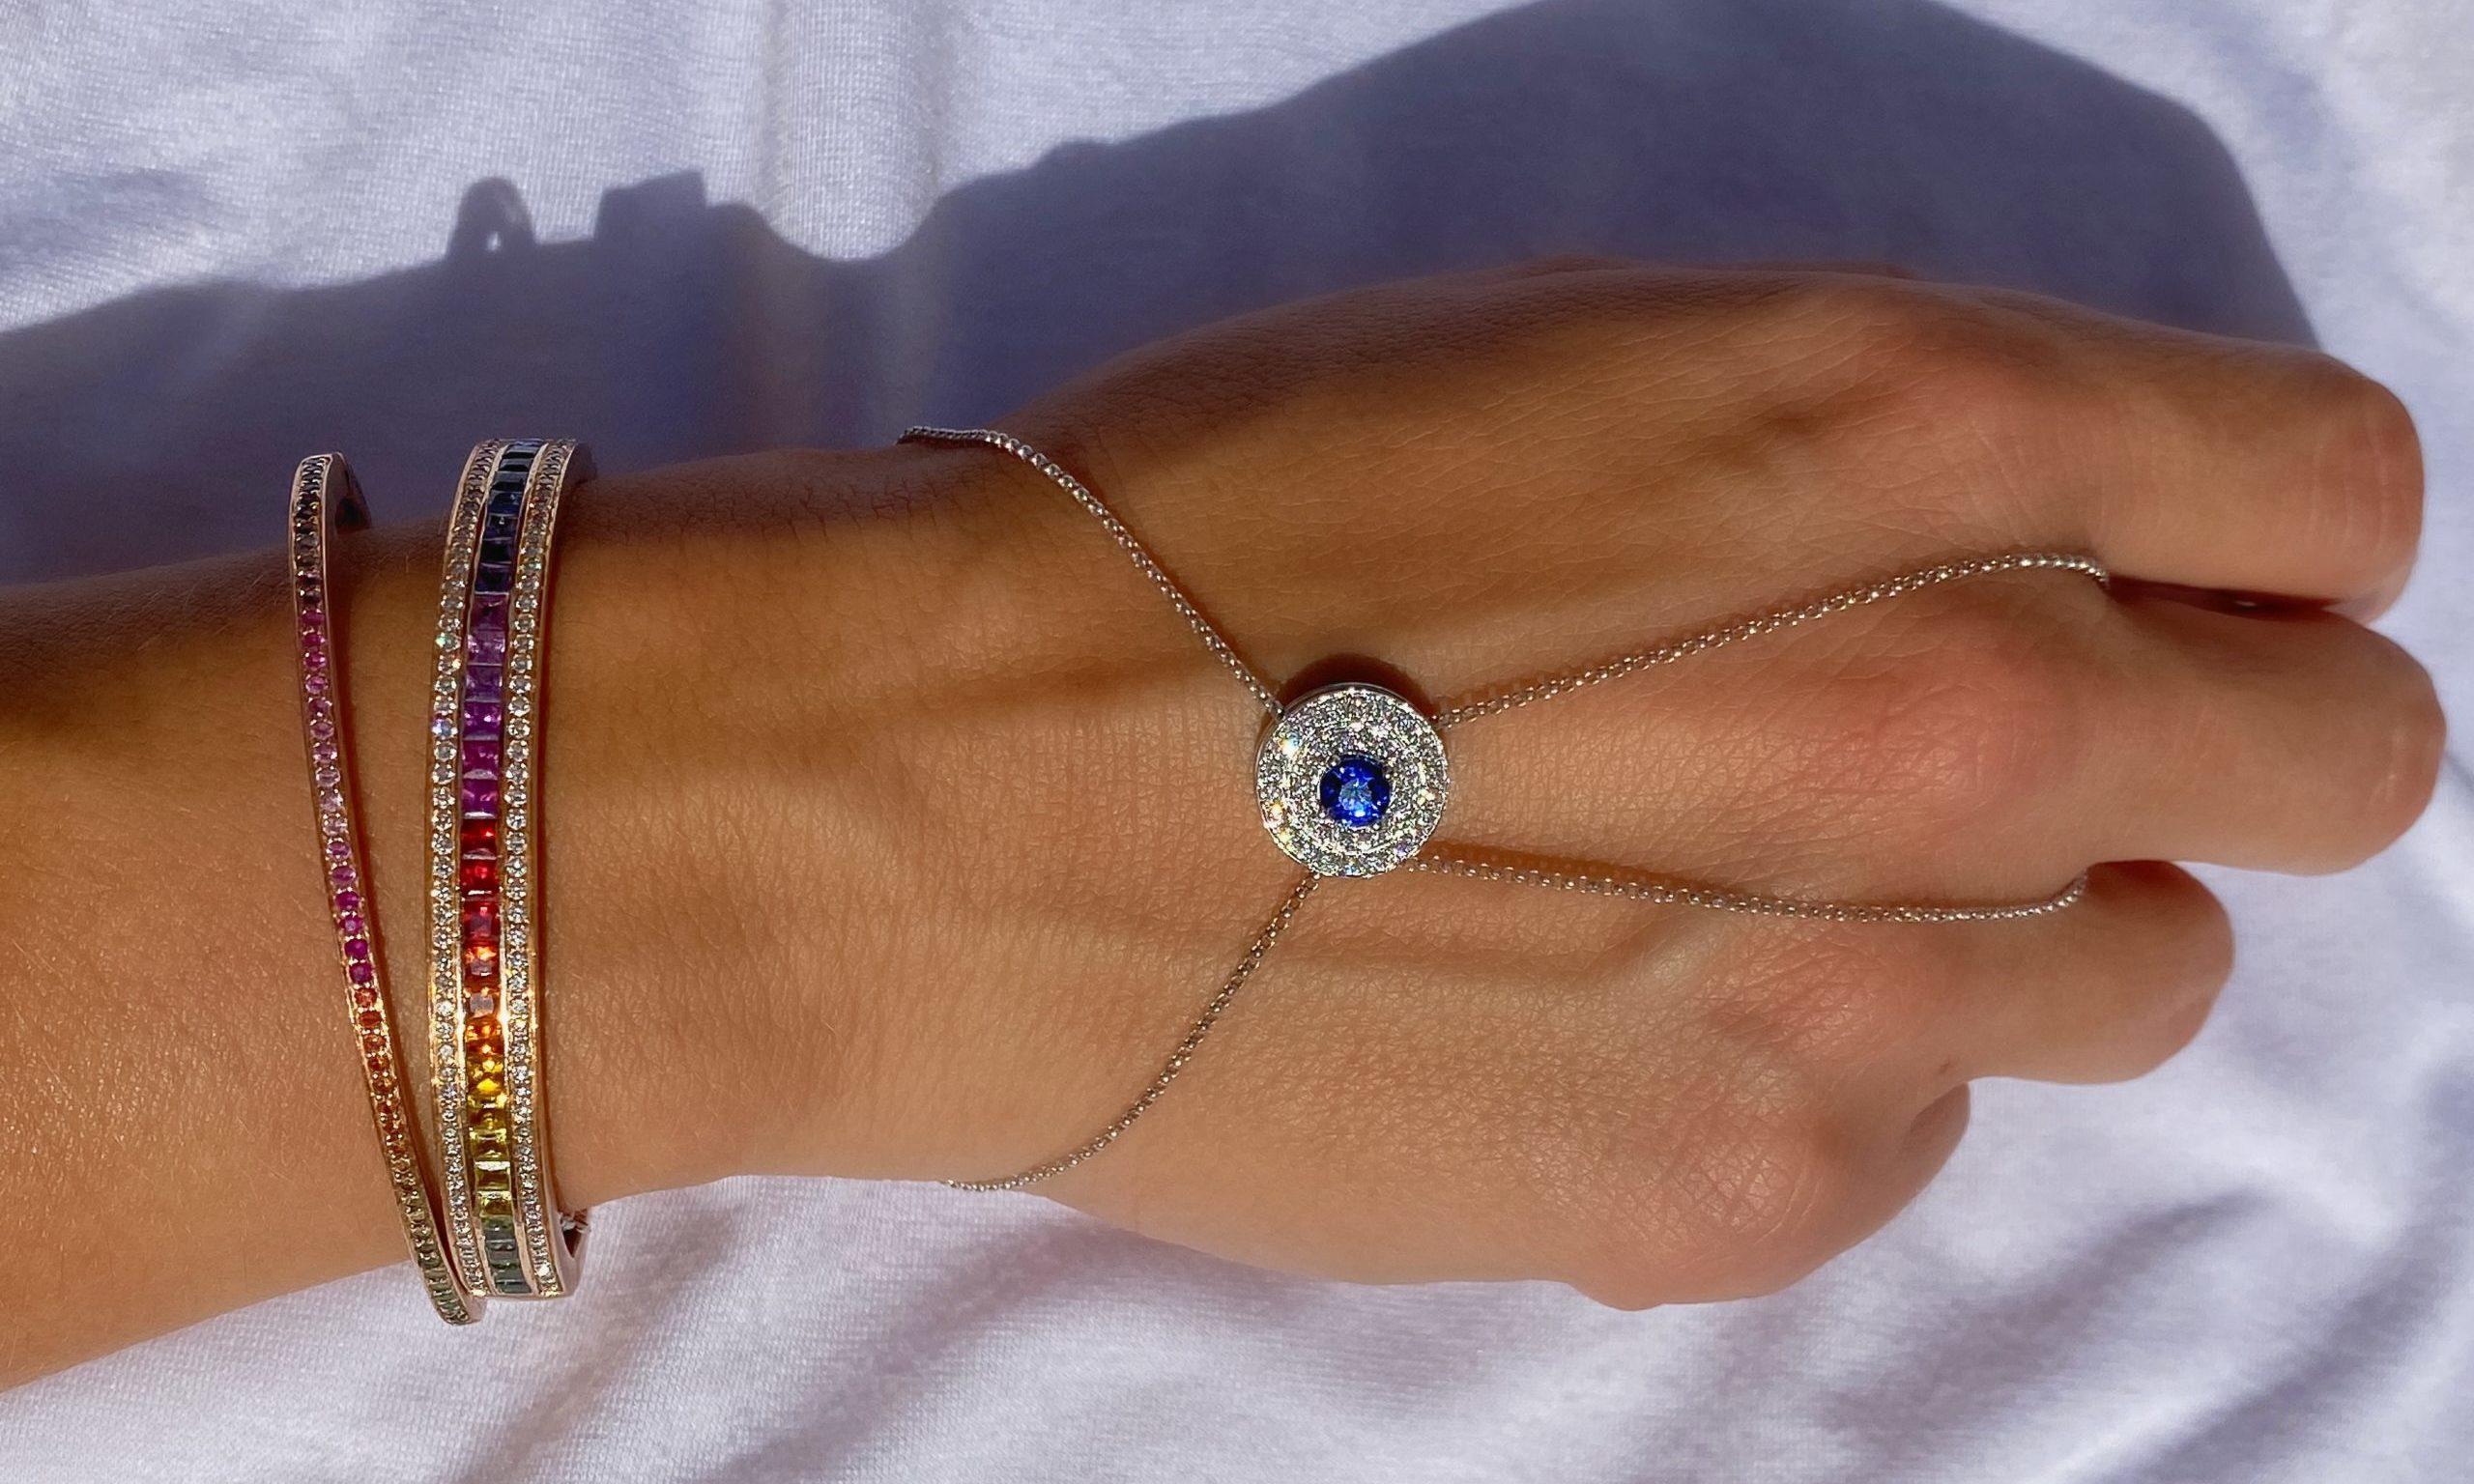 Covett launches fine jewellery subscription service